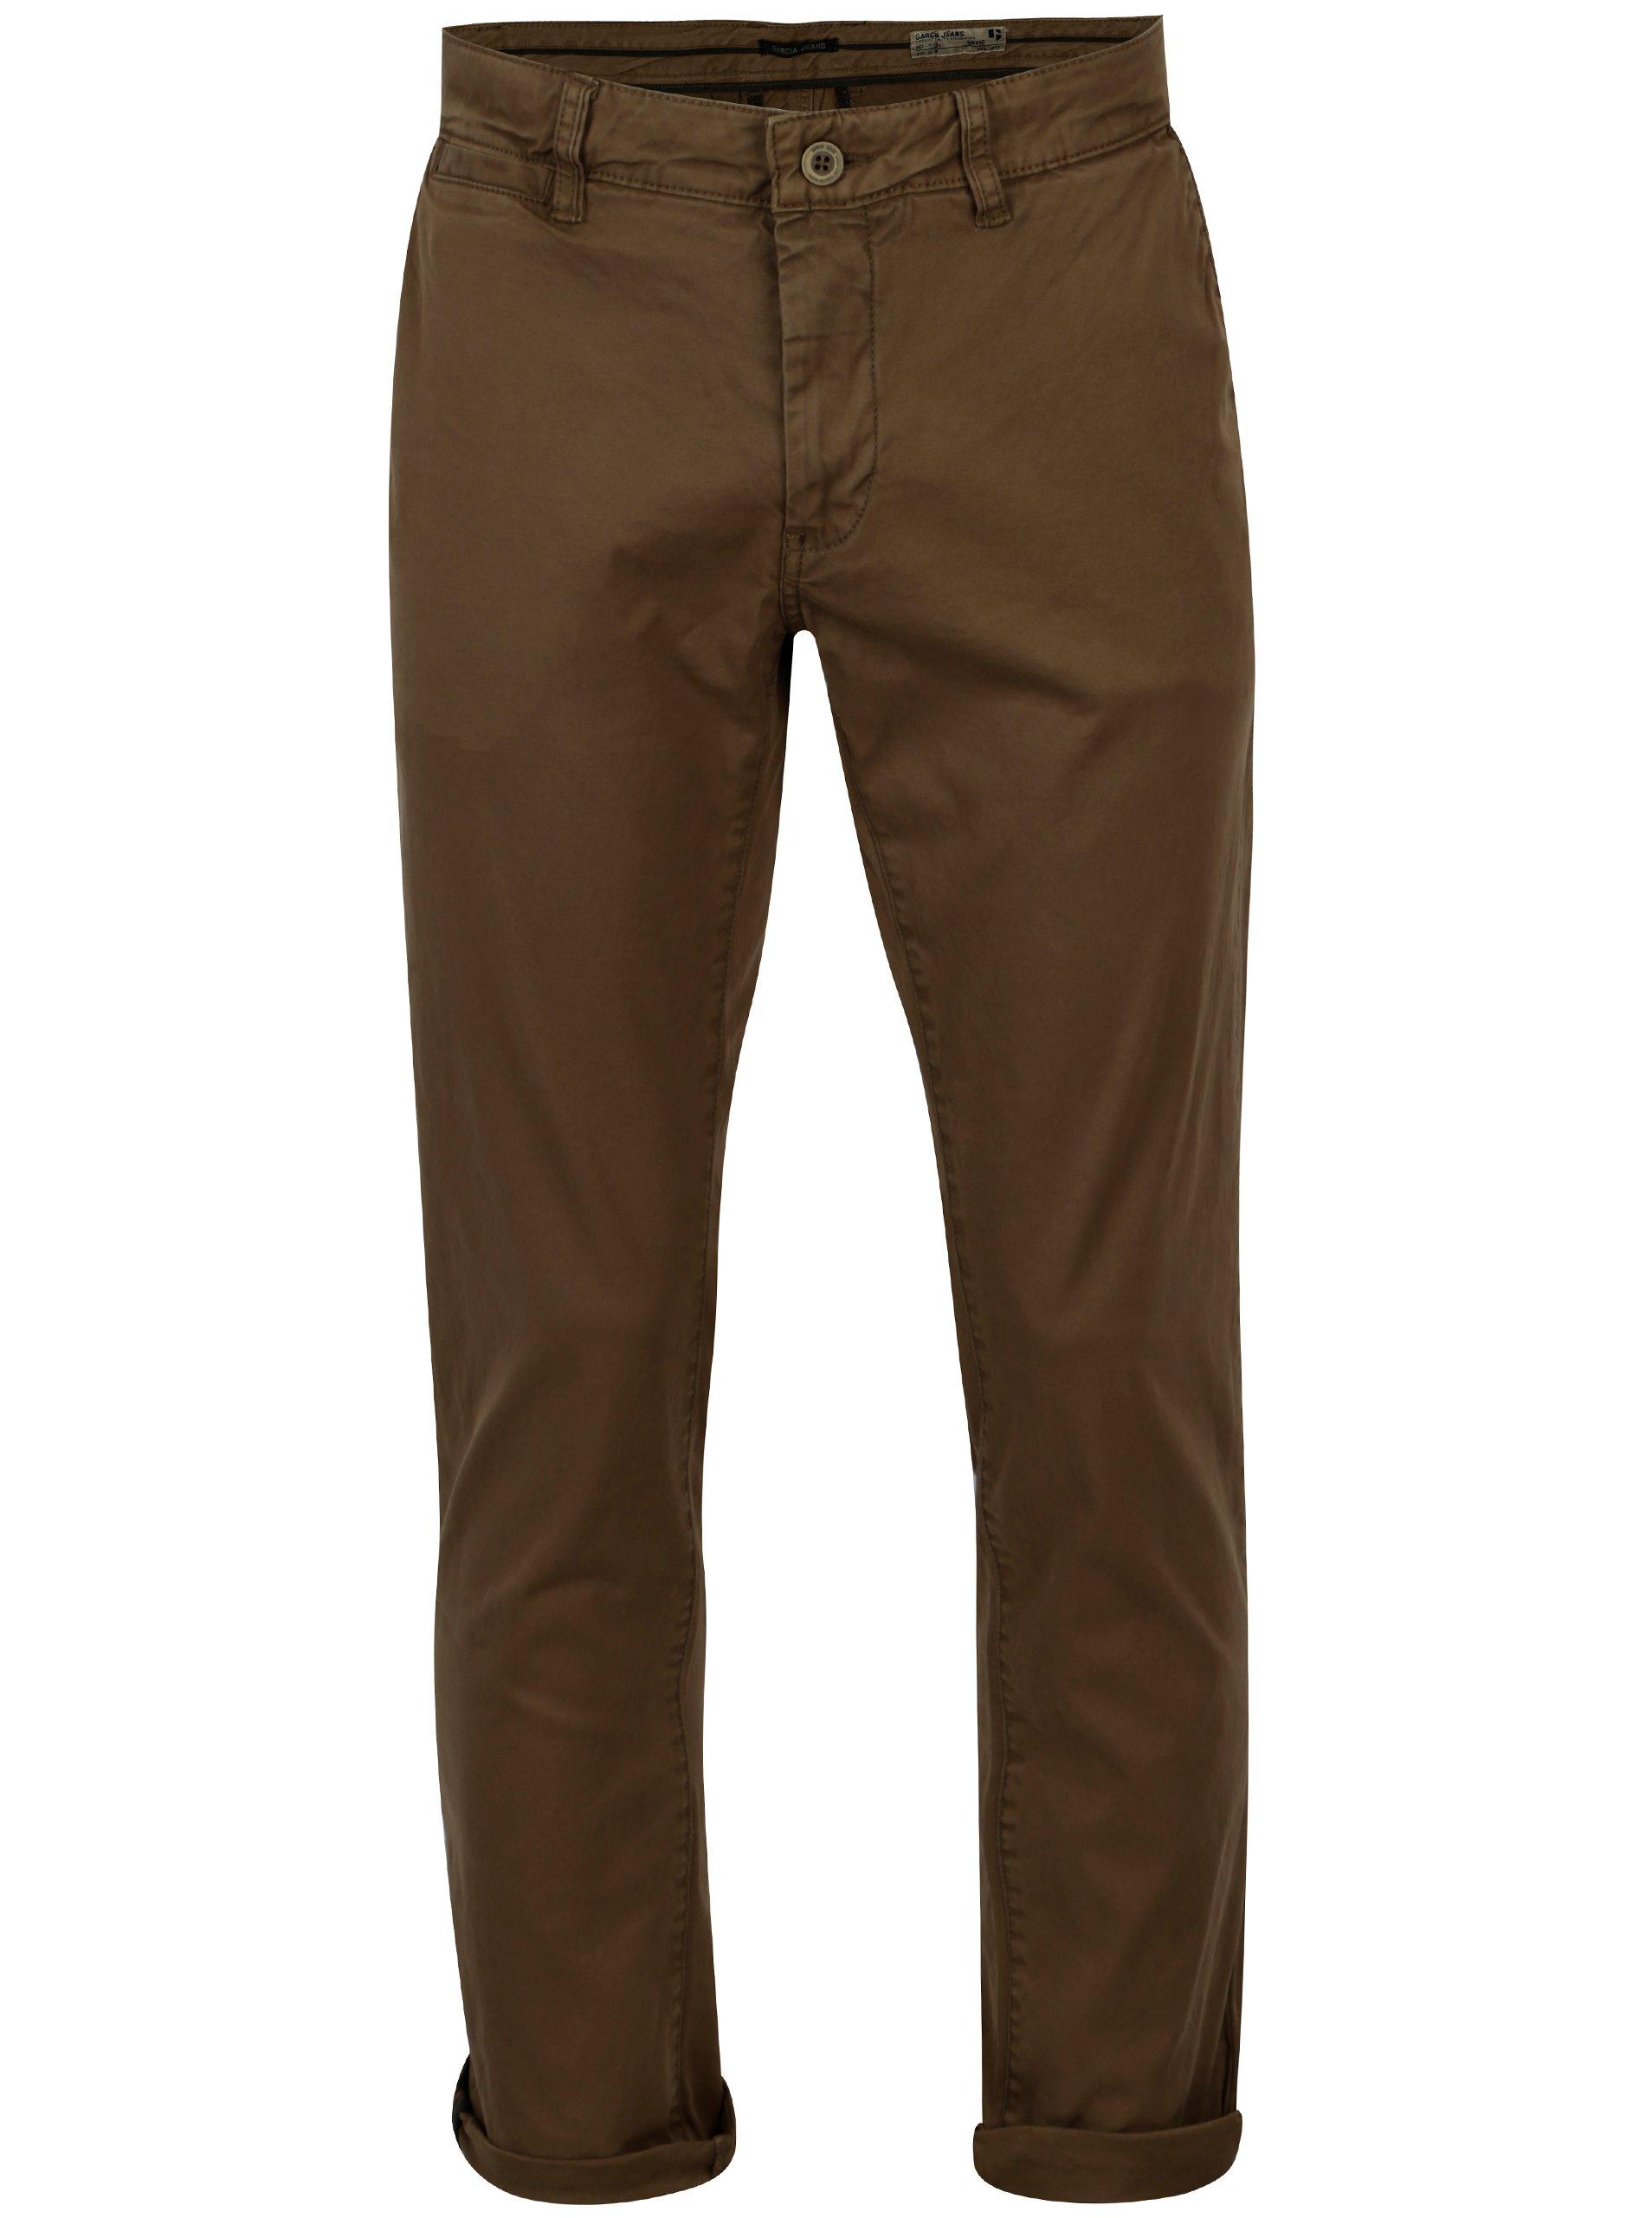 Khaki pánské slim fit chino kalhoty Garcia Jeans Savio 1432c619cc